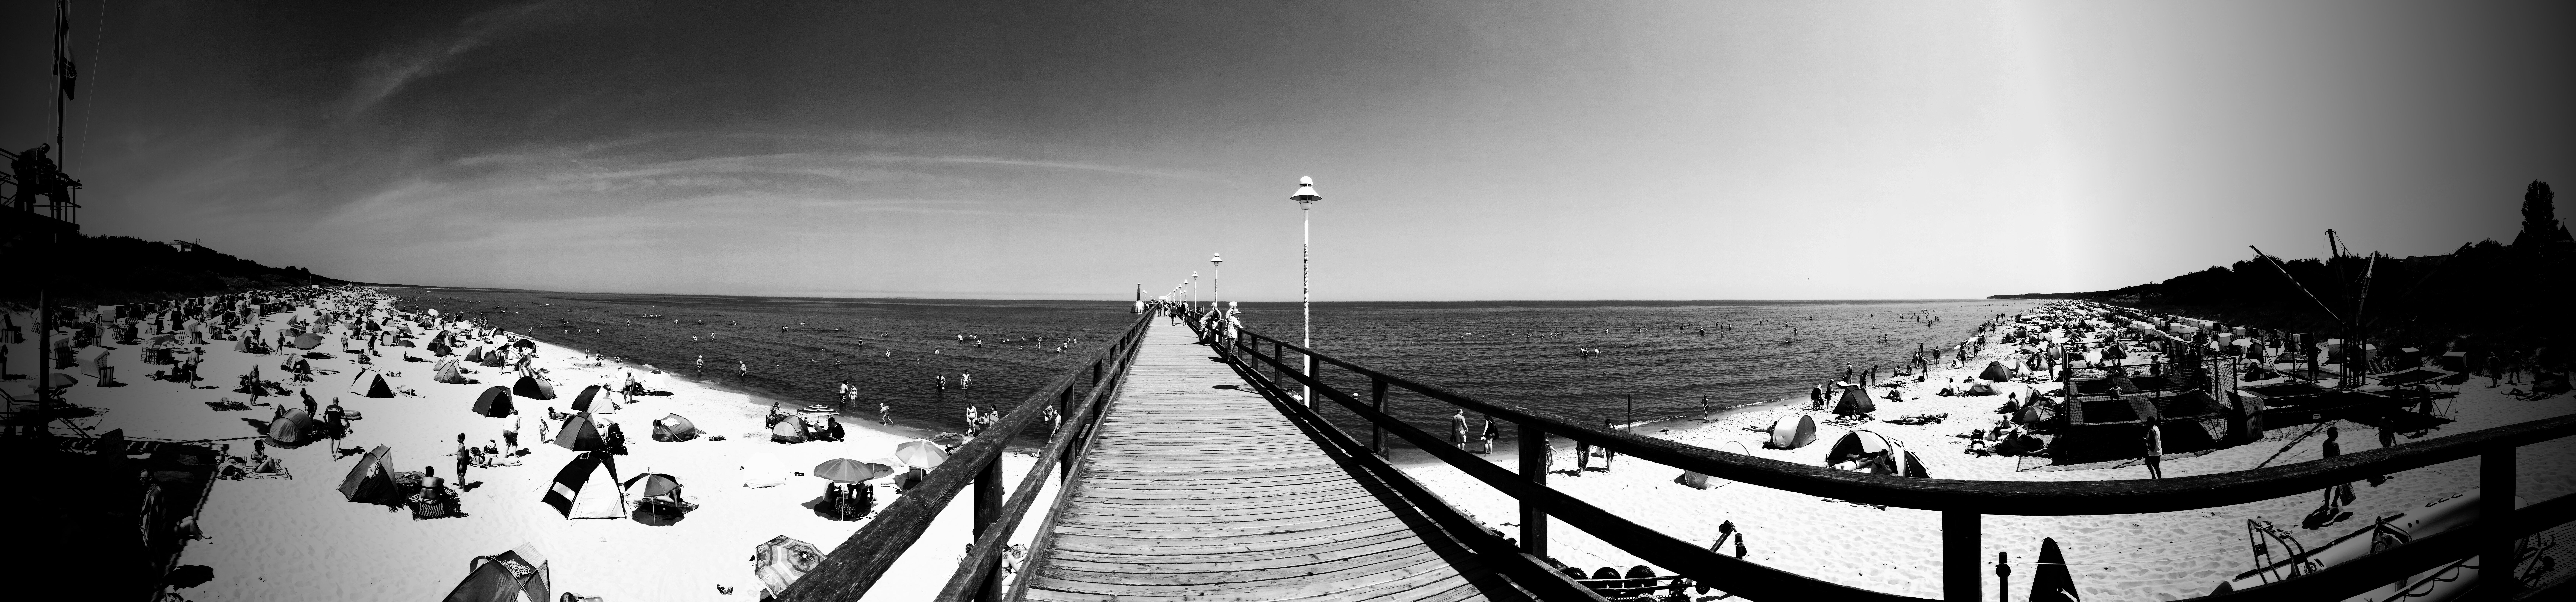 BEACH 07:15